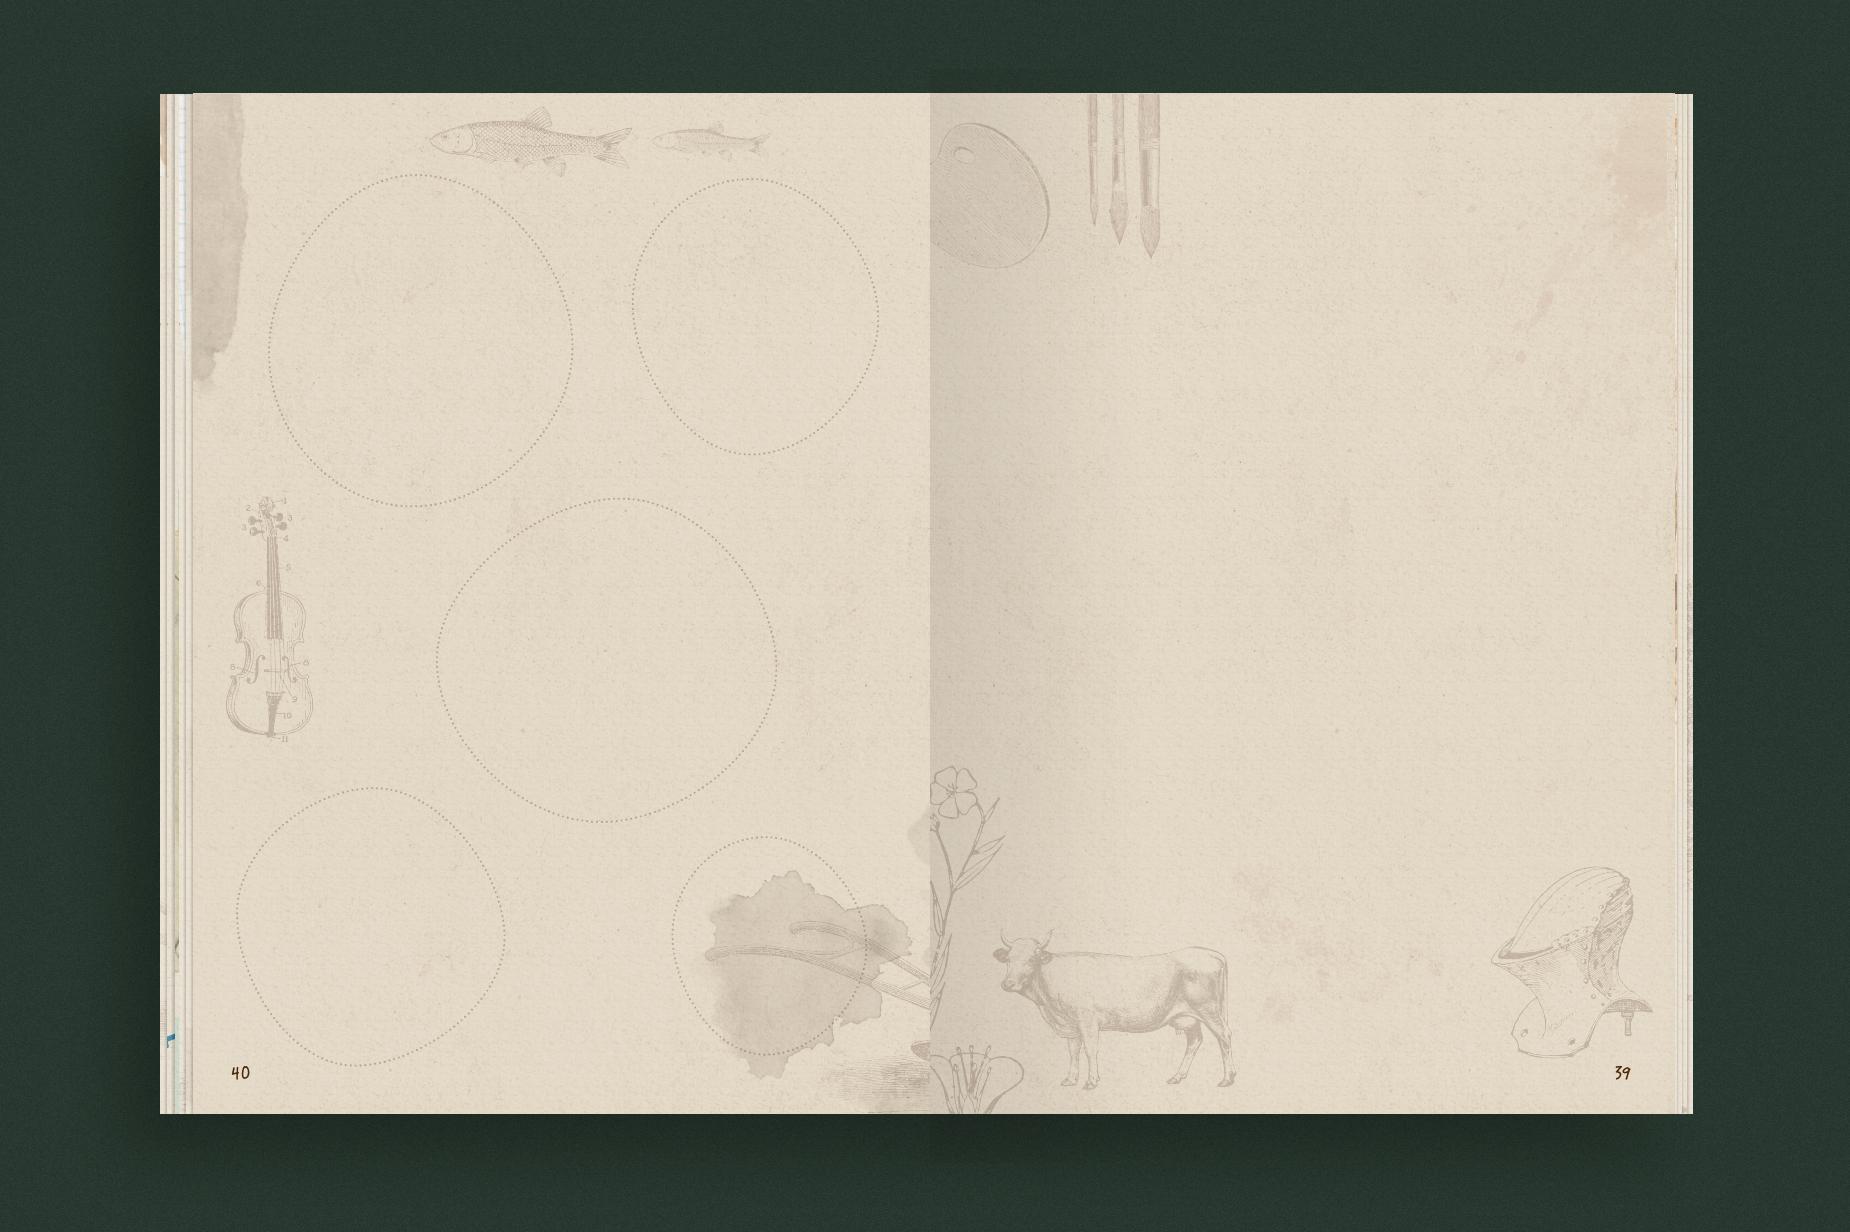 kend-dit-land-grafisk-design-bogdesign-malene-hald-grafiker-33